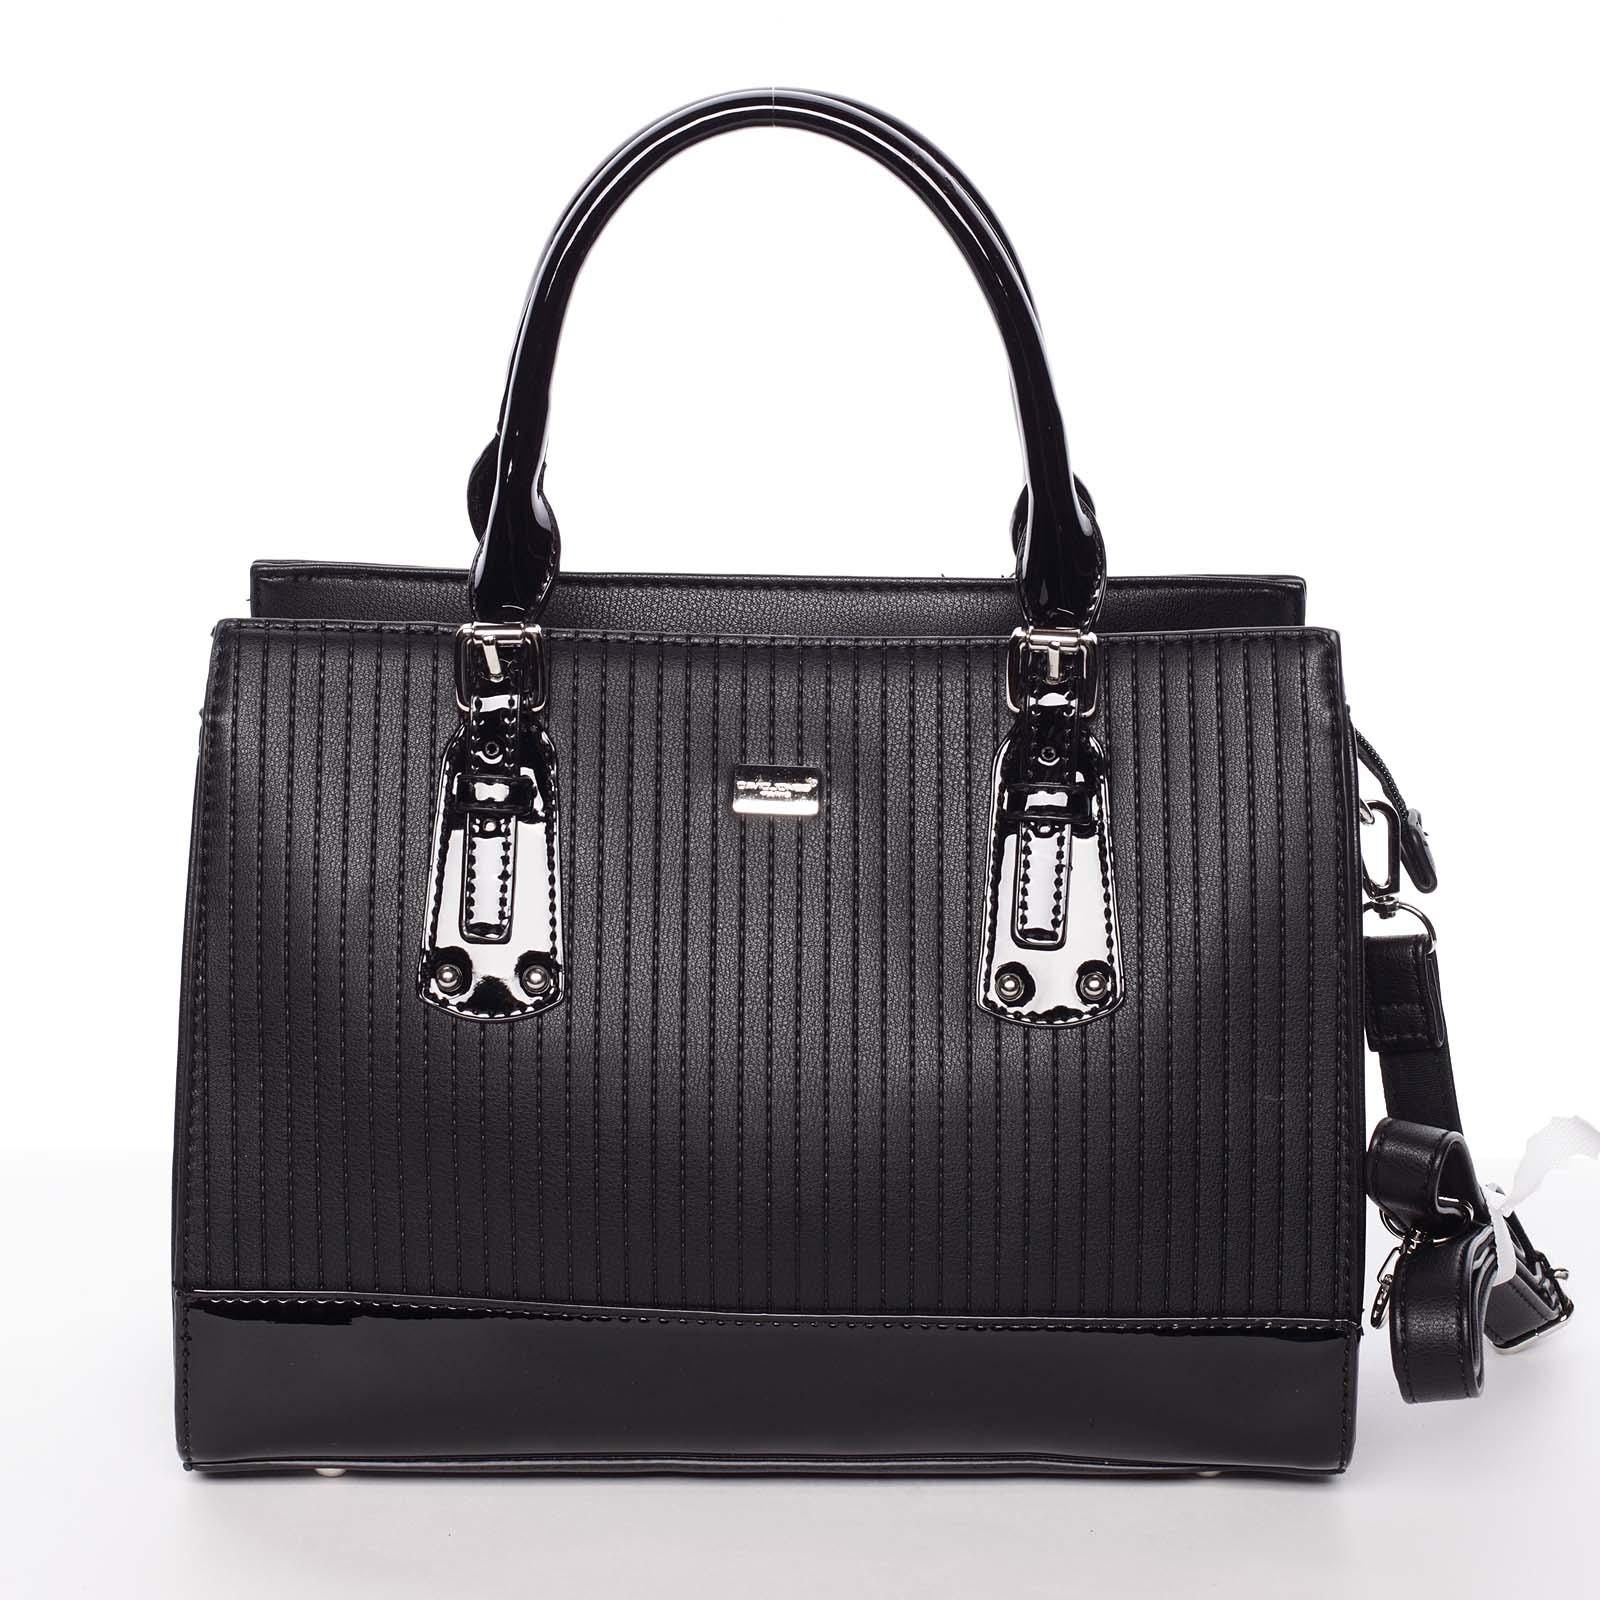 Luxusná čierna dámska prešívaná kabelka do ruky - David Jones Pannai